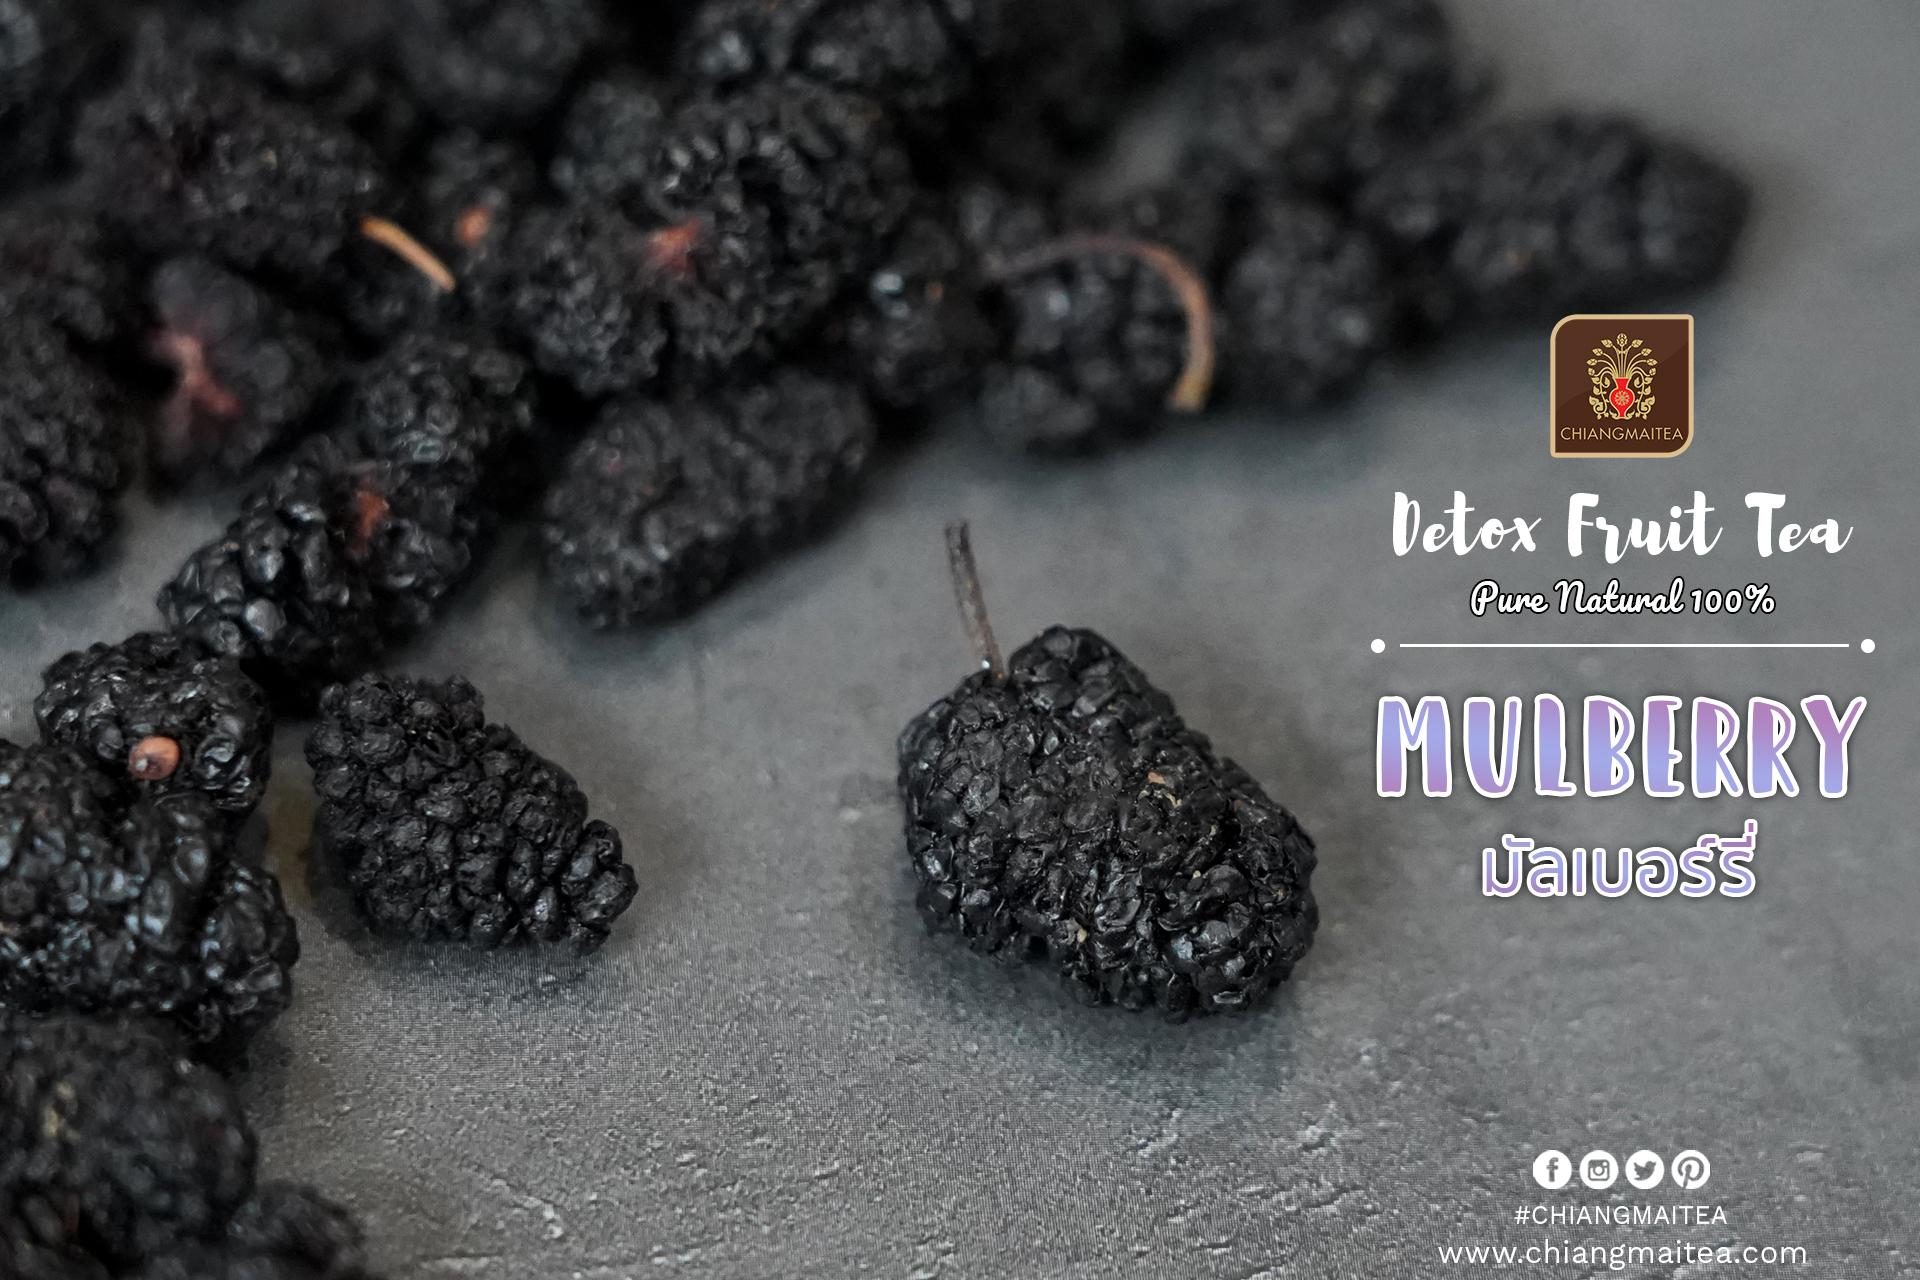 มัลเบอร์รี่ ชาผลไม้-ดีท็อกซ์ (FruitTea-Detox)